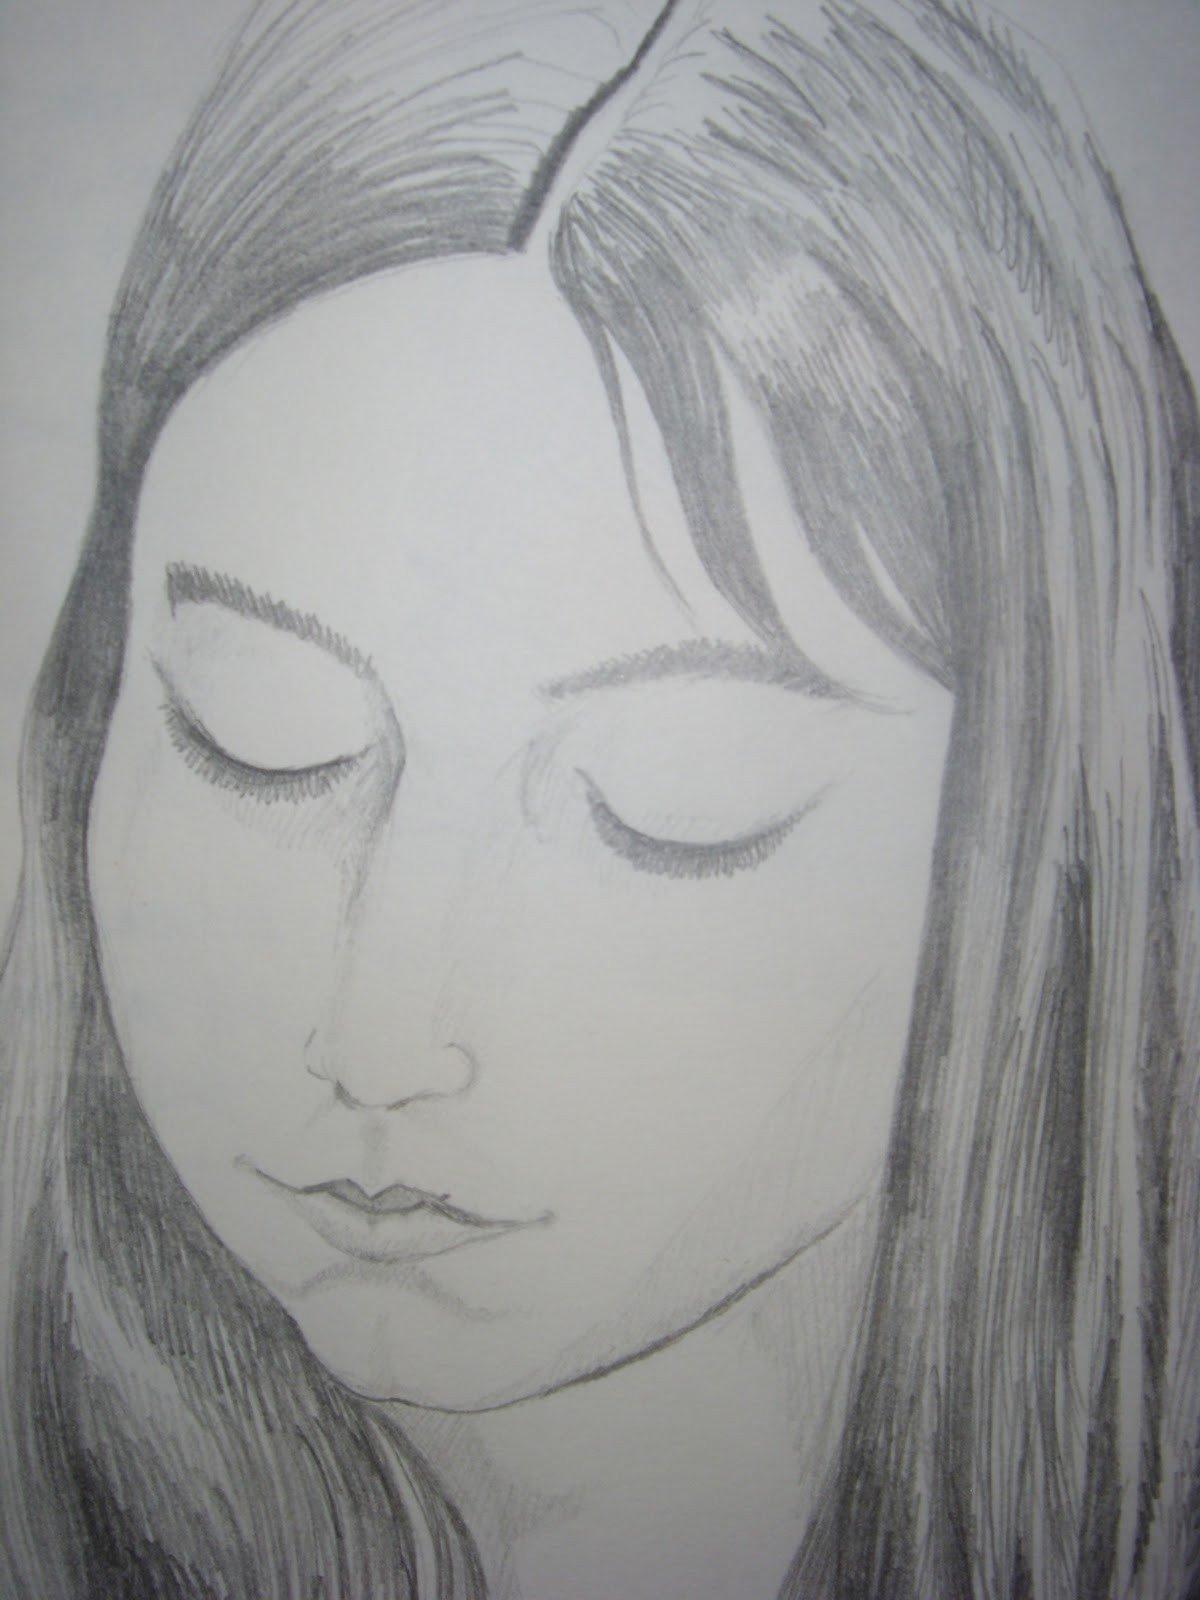 Pencil Drawings Of Love Pencil Drawings People In Love